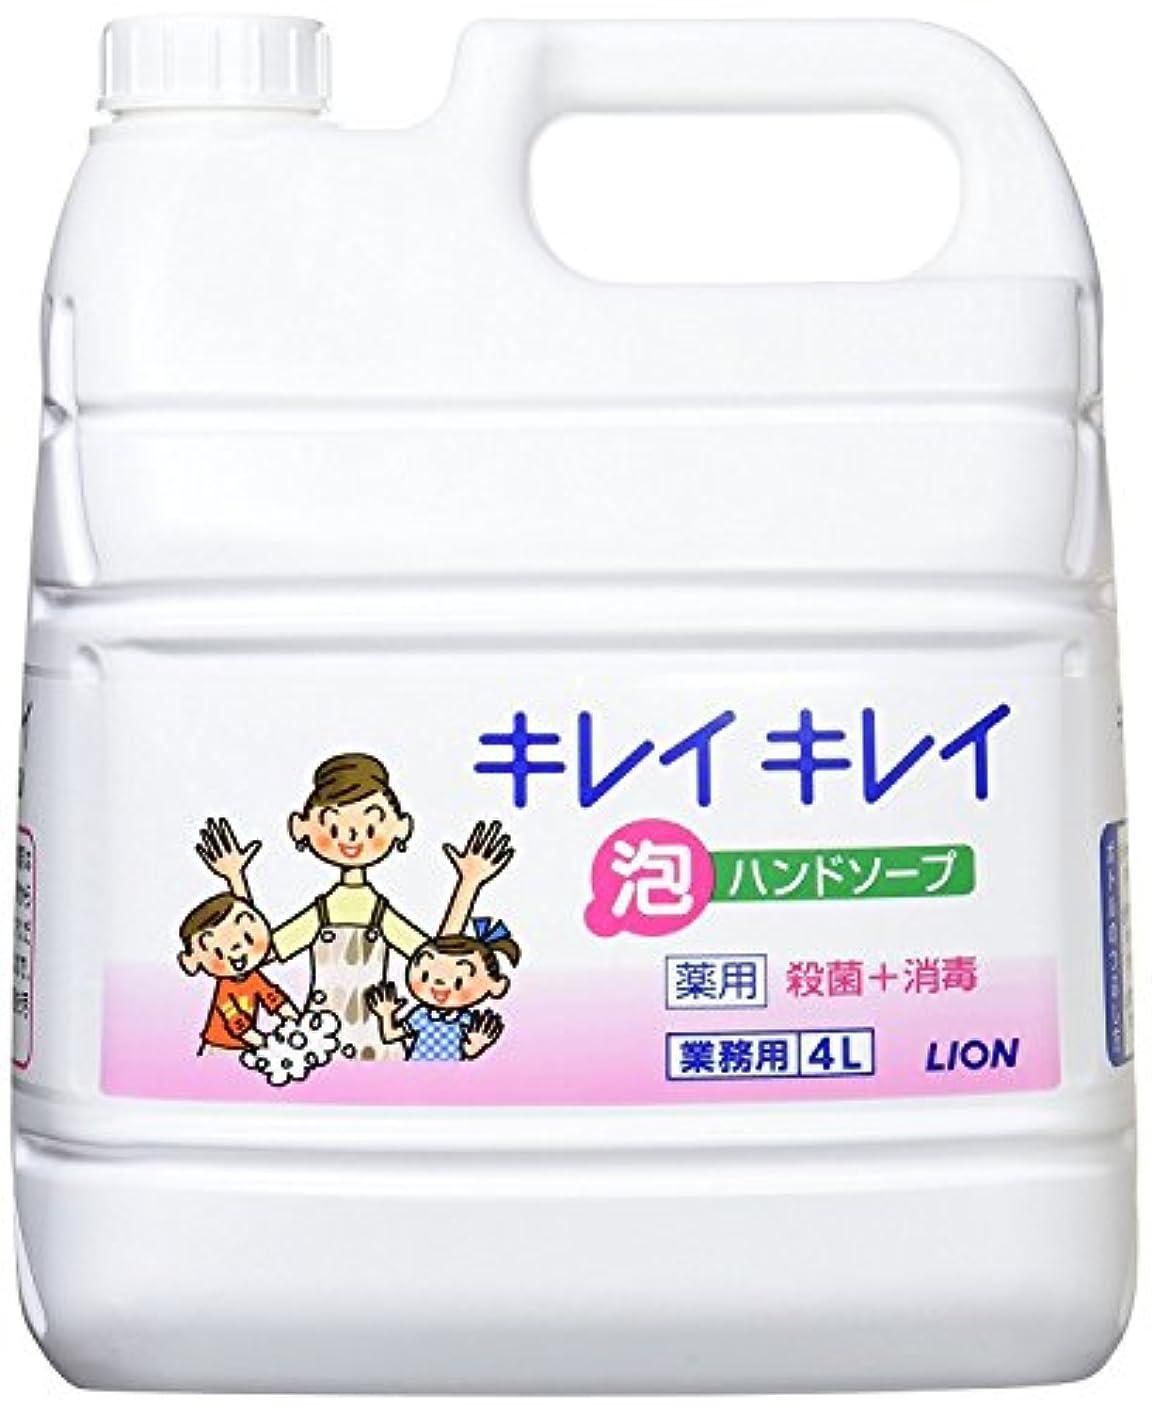 処方手配する塗抹キレイキレイ薬用泡ハンドソープ4L